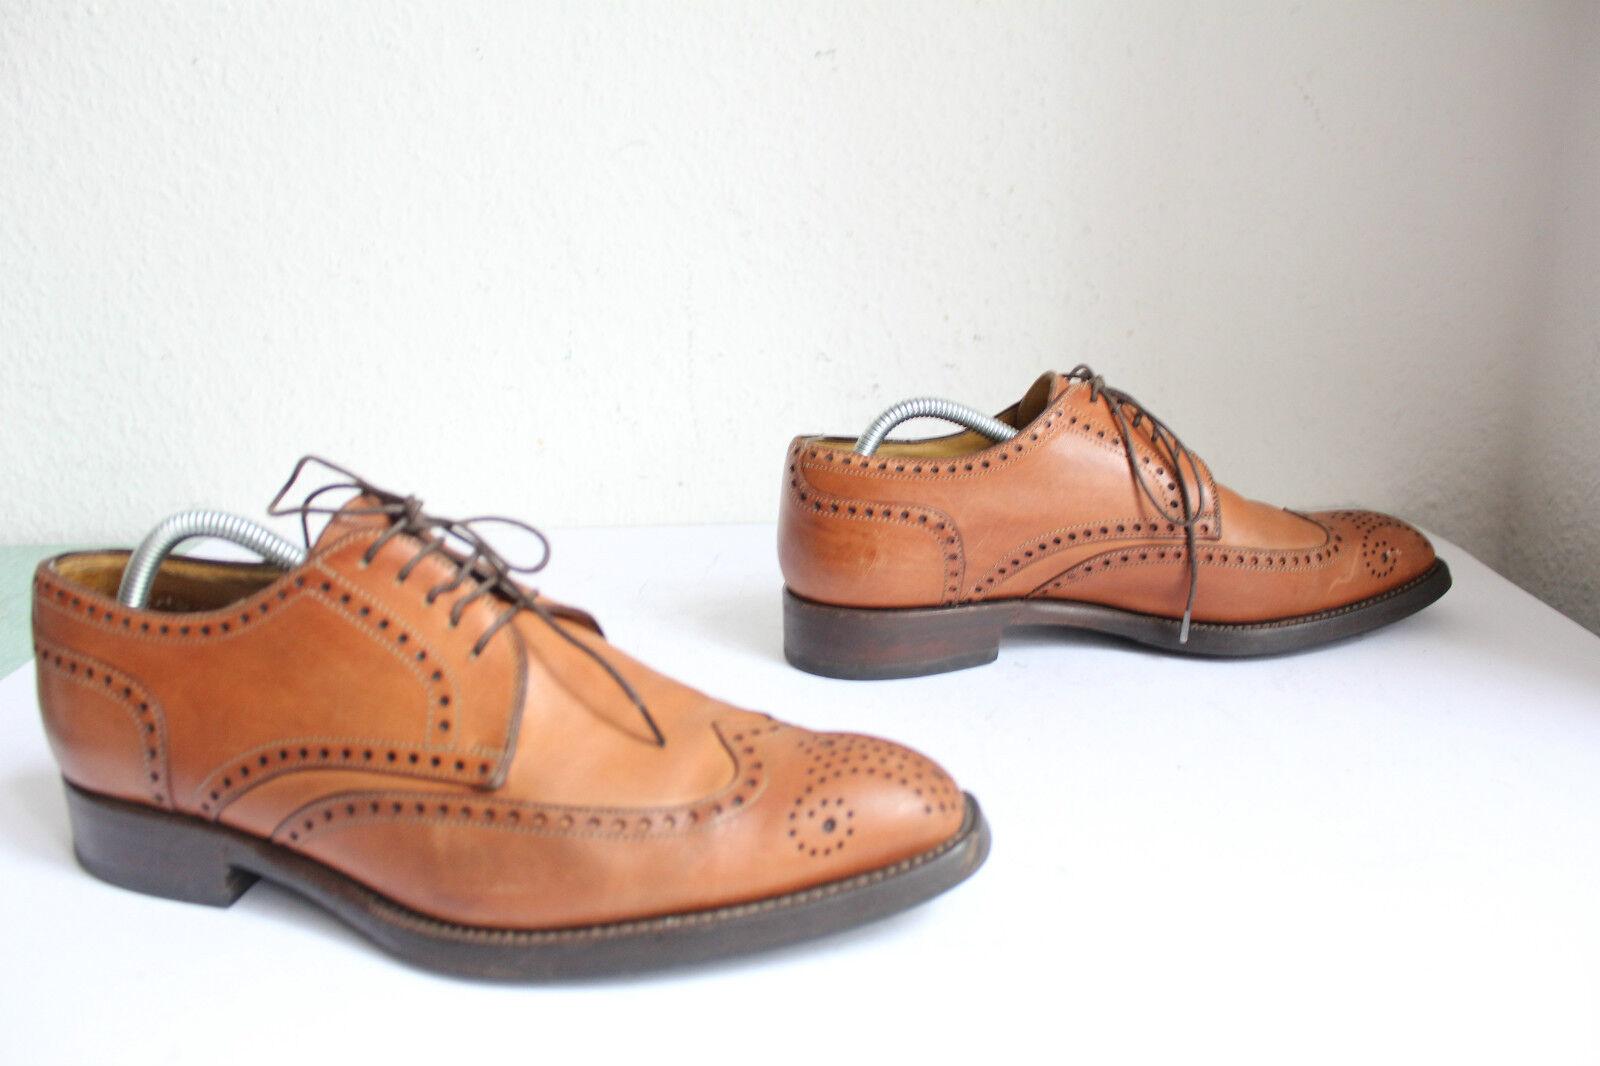 Lendway & schwarcz Handmade lujo brogue zapatos caballero plenamente cuero genuino marrón eu:41